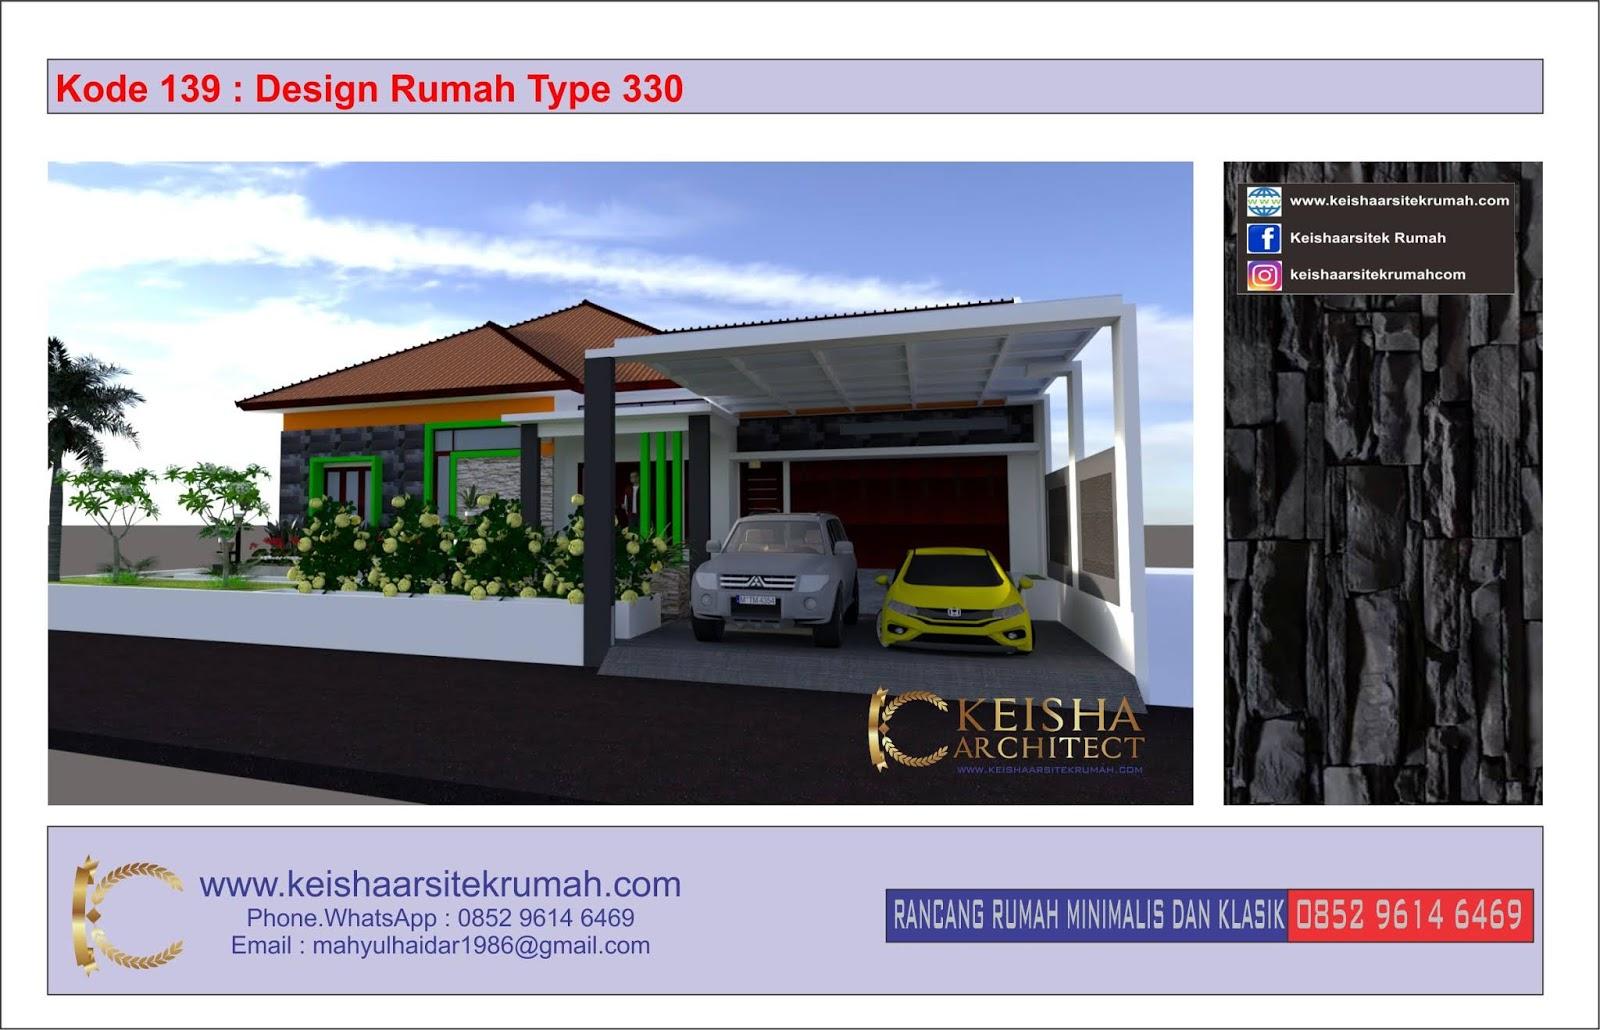 Kode 139 Desain Rumah Type 330 Bojonegoro Surabaya Jawa Timur Desain Rumah Minimalis Klasik Dan Rab Tahun 2020 Www Keishaarsitekrumah Com